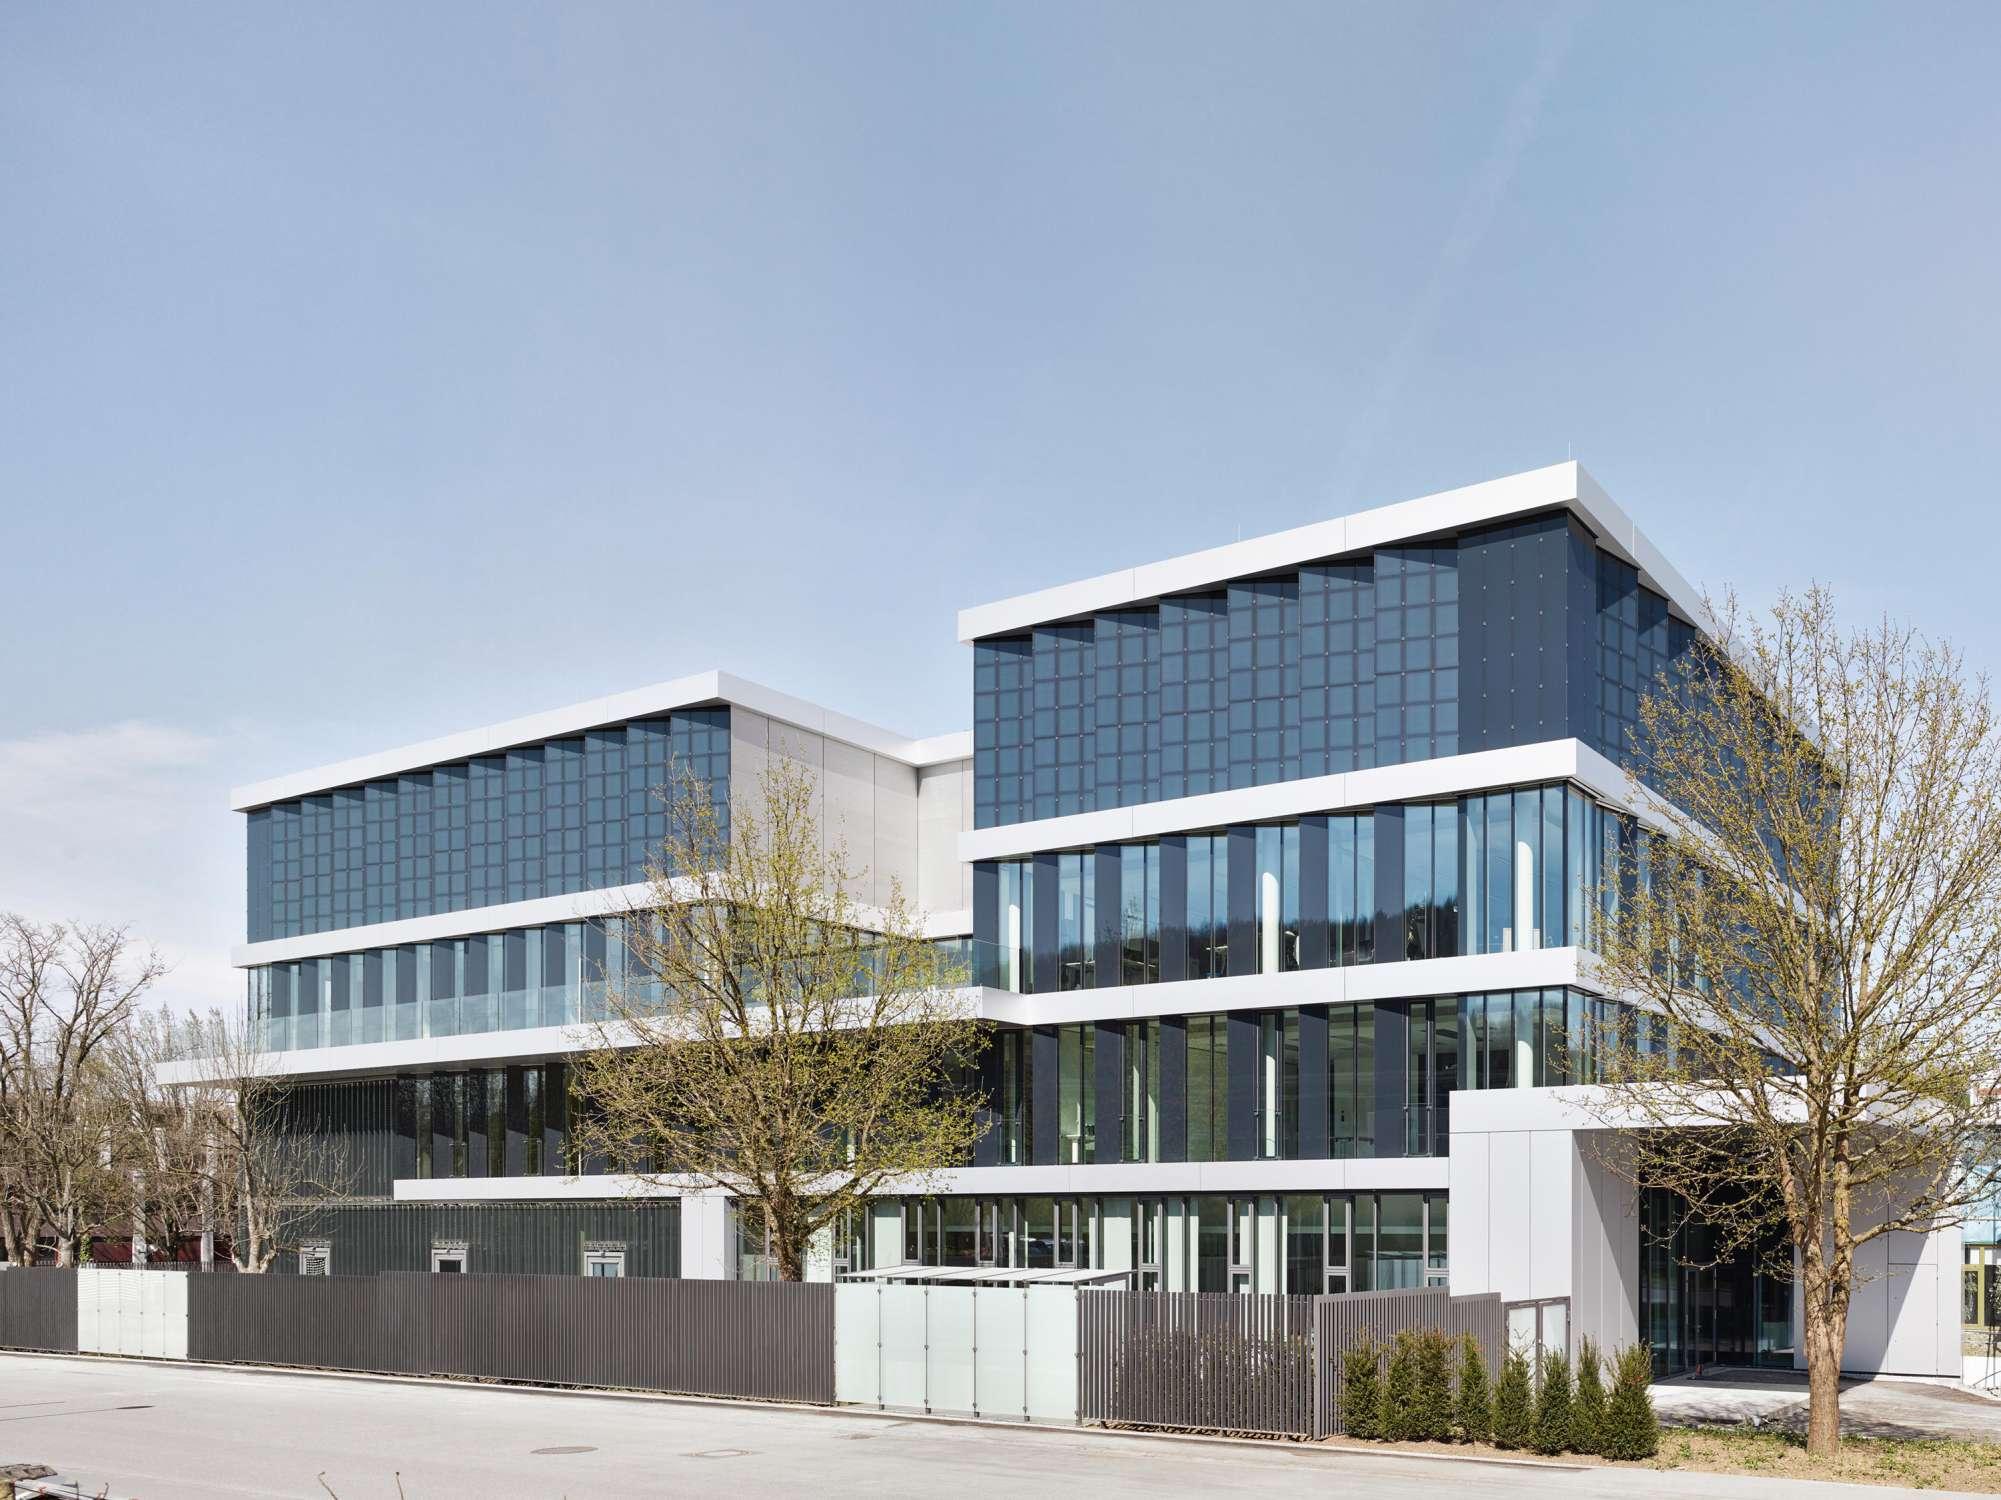 Verwaltungs- und Infrastrukturgebäude (2)